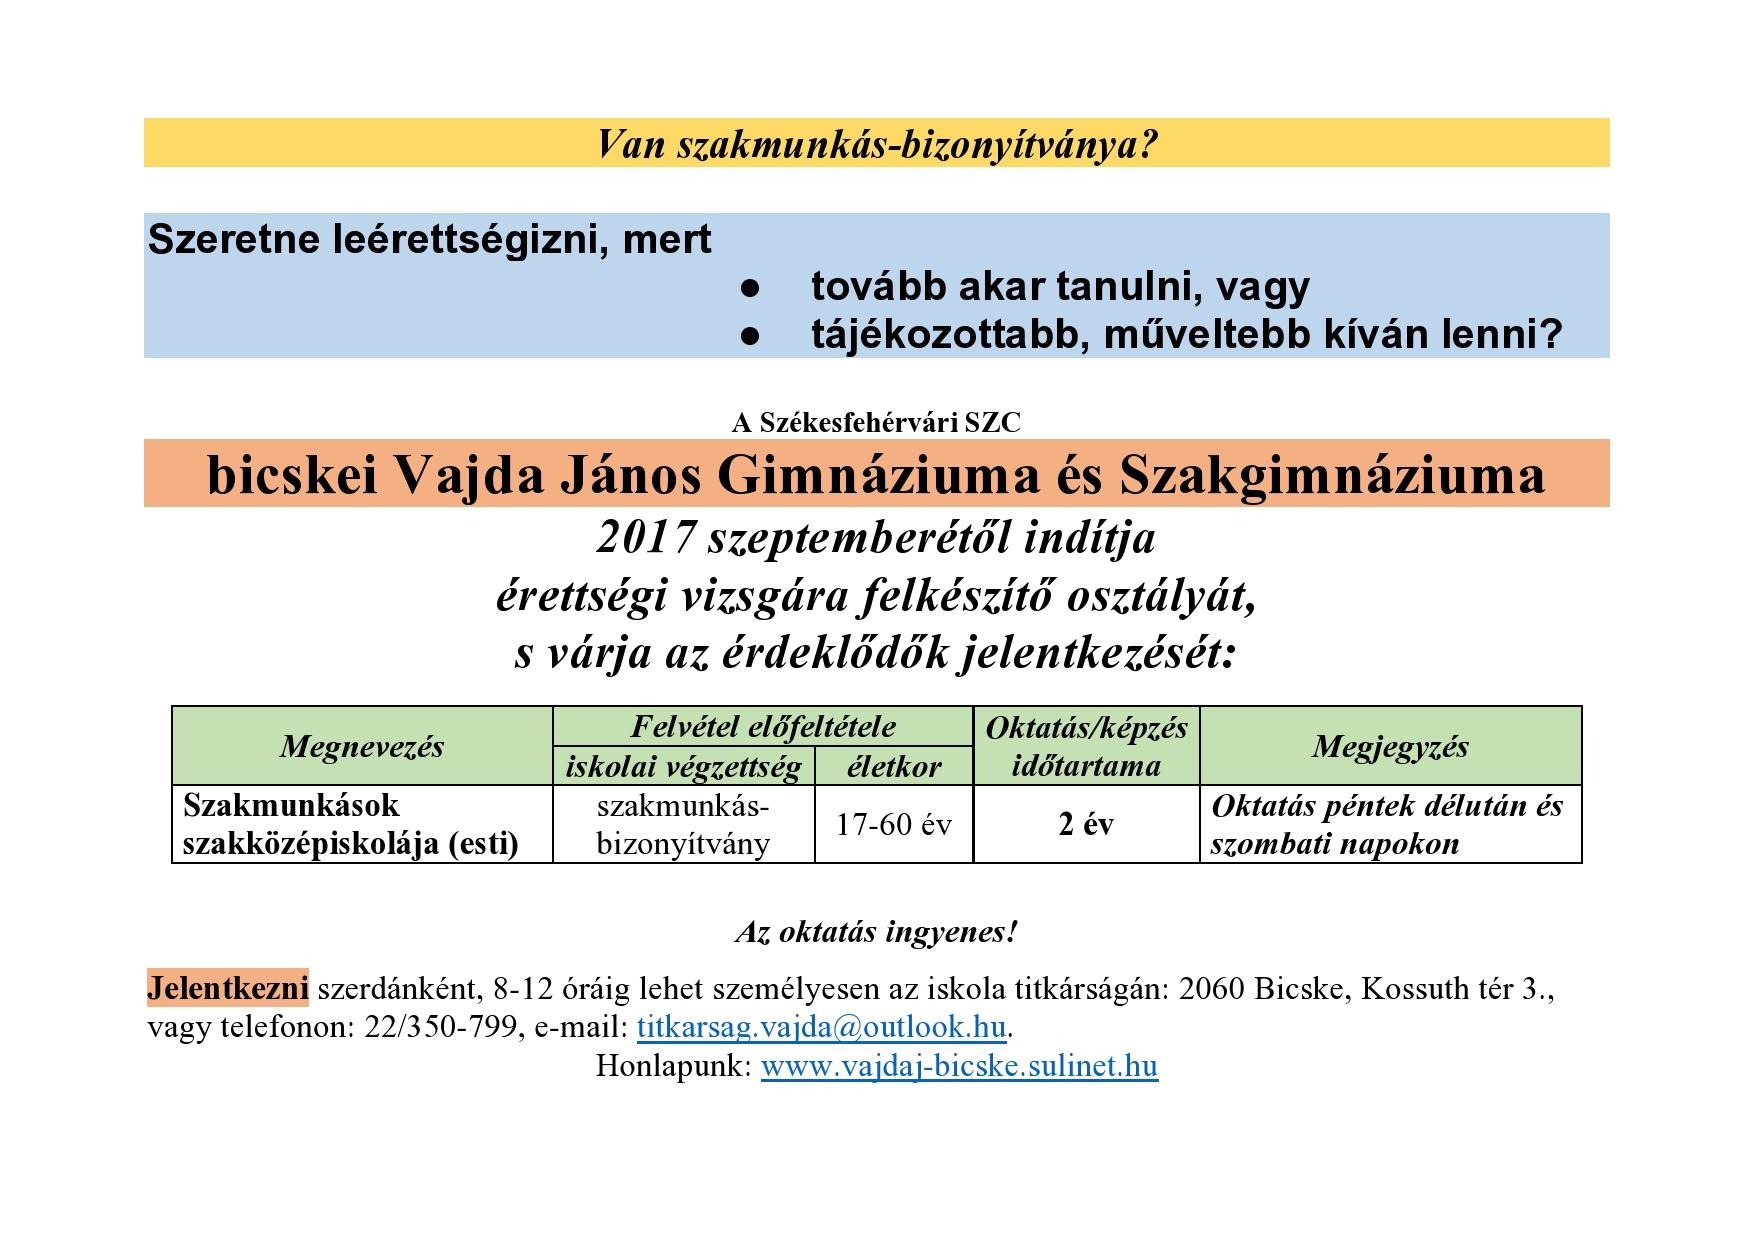 vajda_szakmunkasok_szakkozepiskolaja_plakat_2017-page0001.jpg